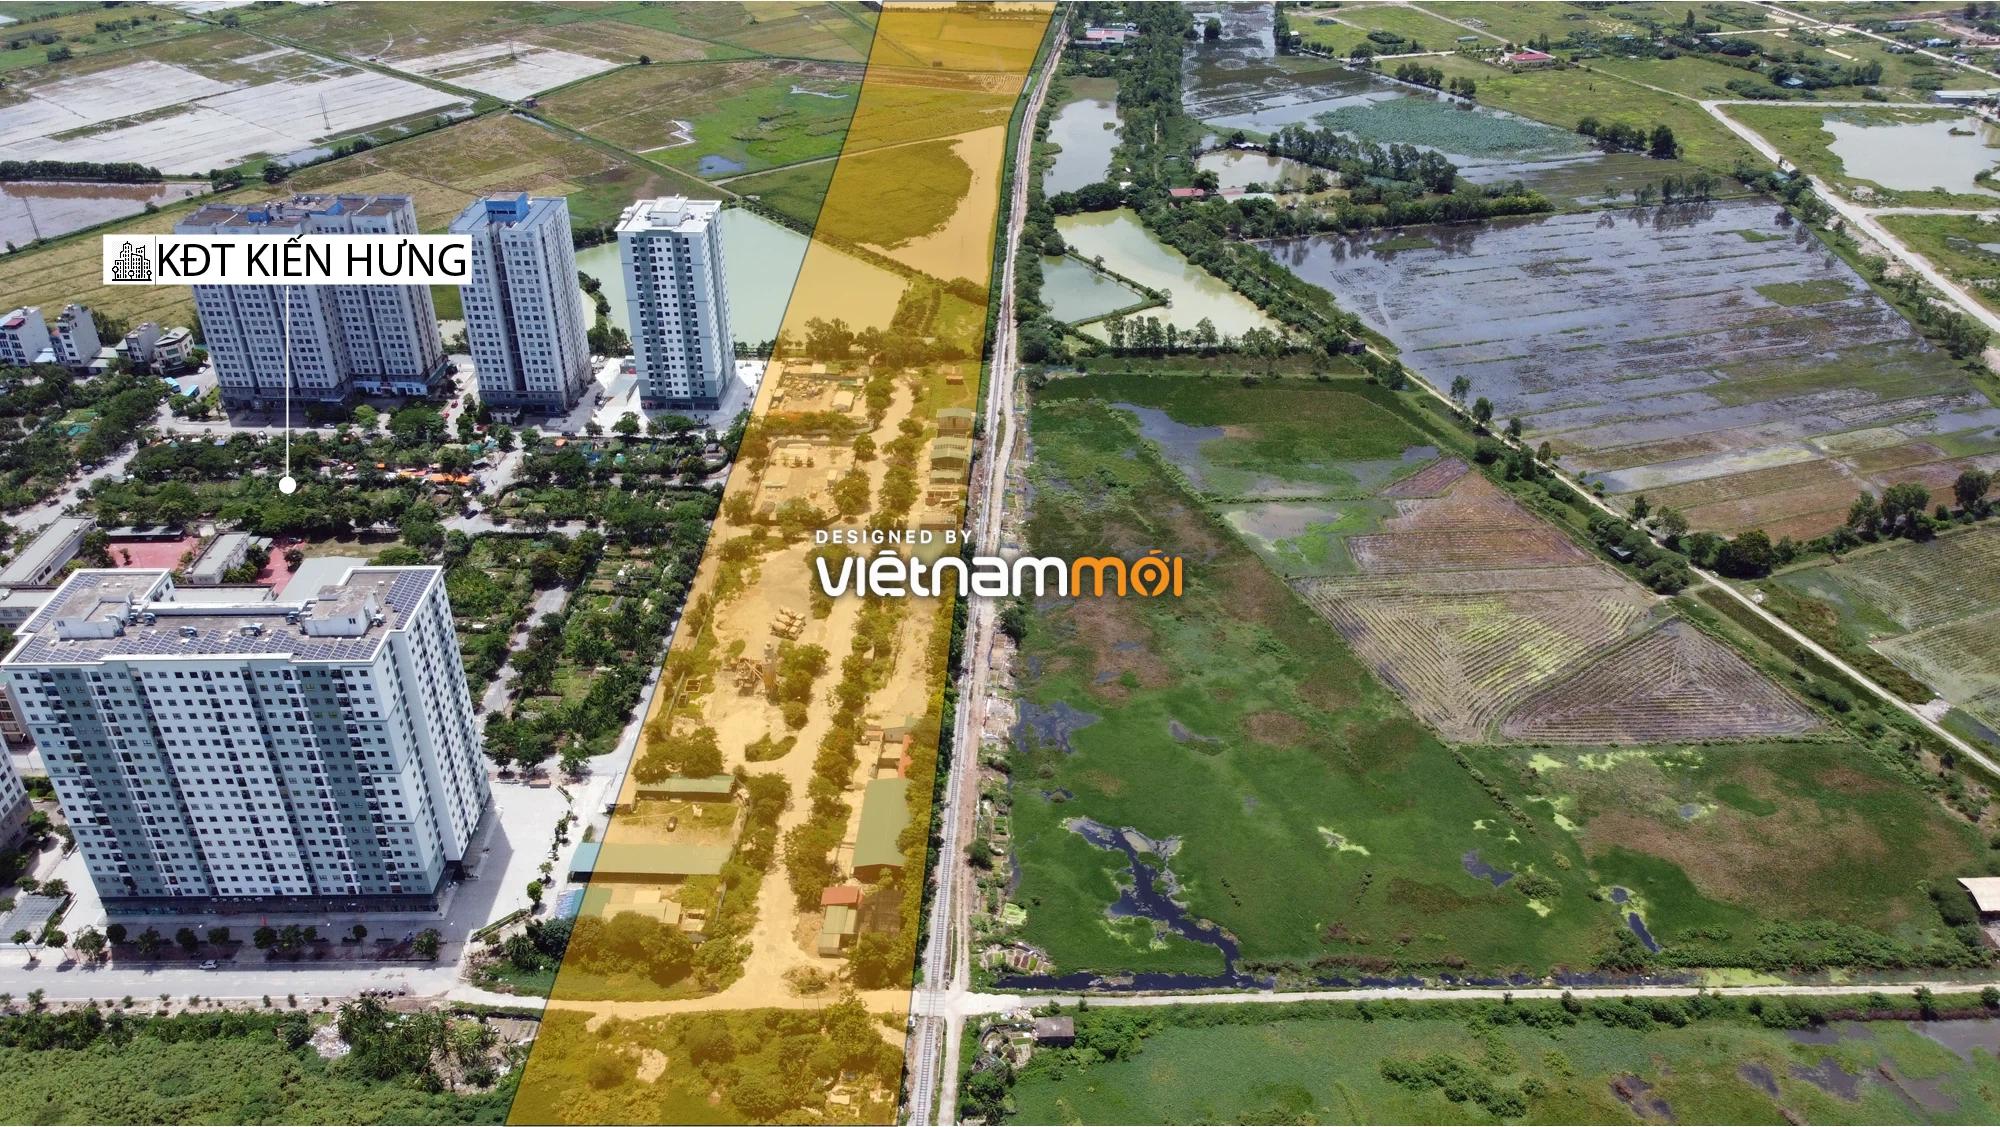 Đường Vành đai 3,5 sẽ mở theo quy hoạch qua quận Hà Đông, Hà Nội - Ảnh 14.